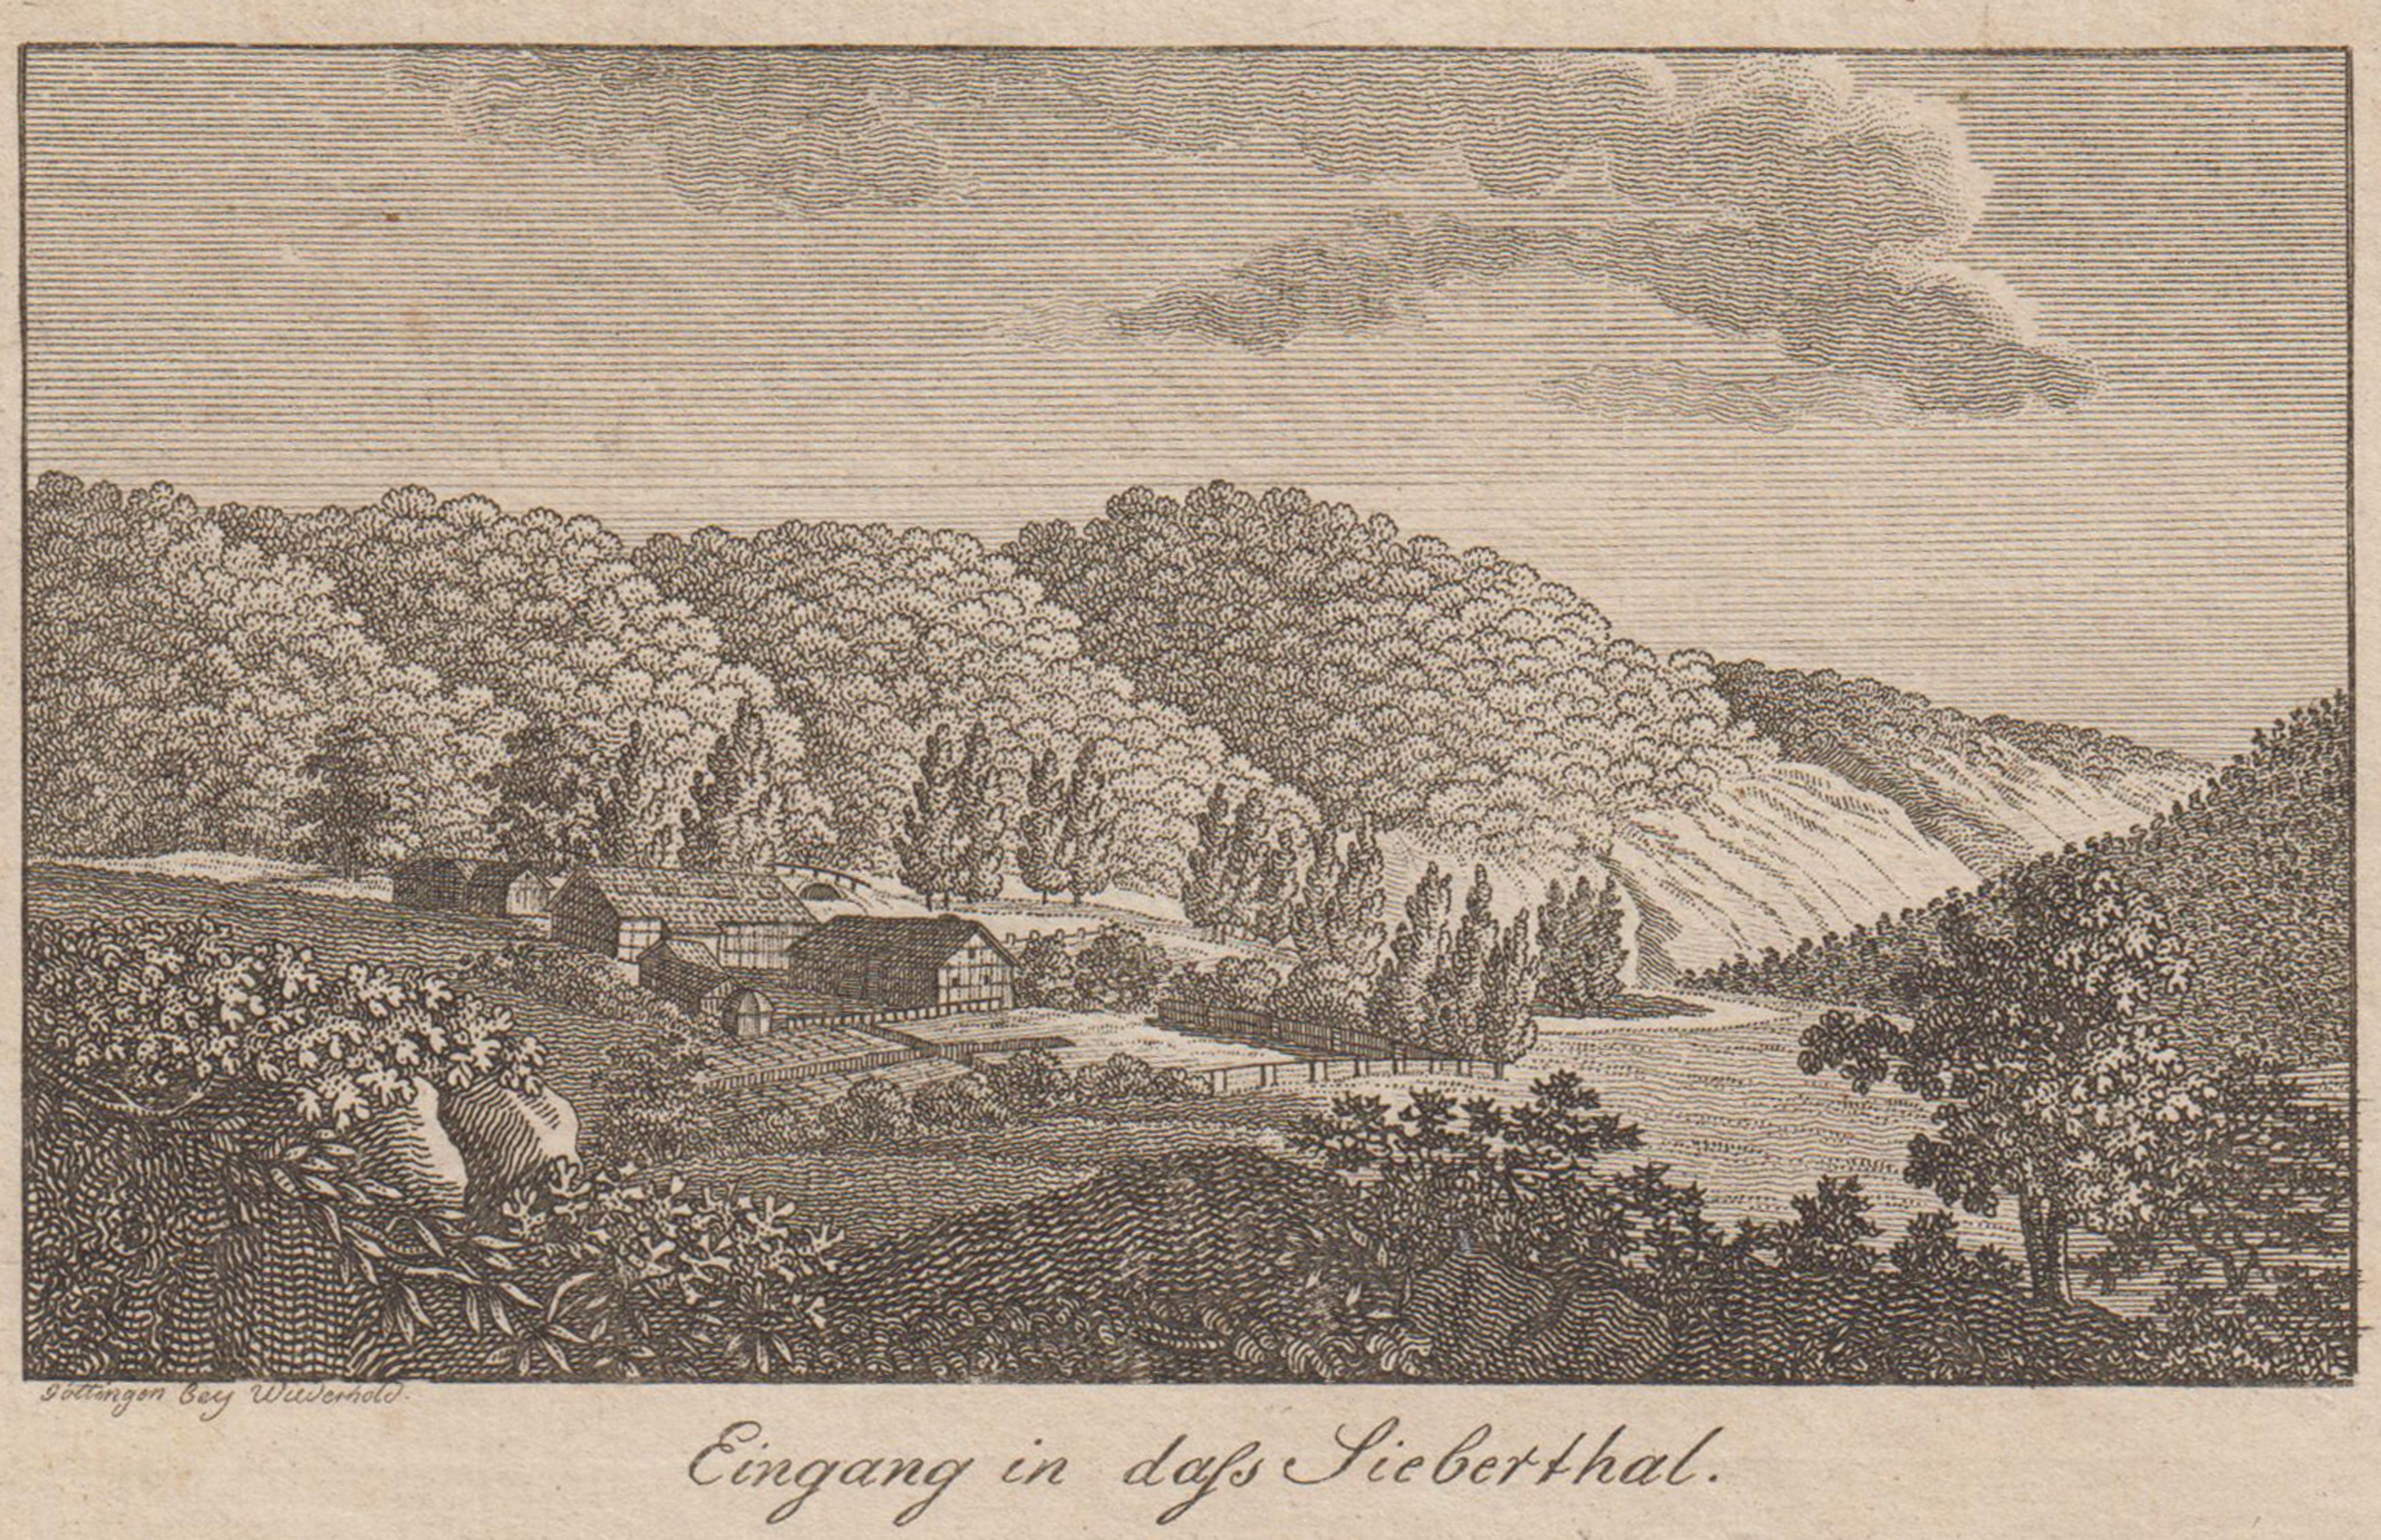 """Blick auf den """"Eingang in dass Sieberthal"""".: Herzberg Am Harz:"""